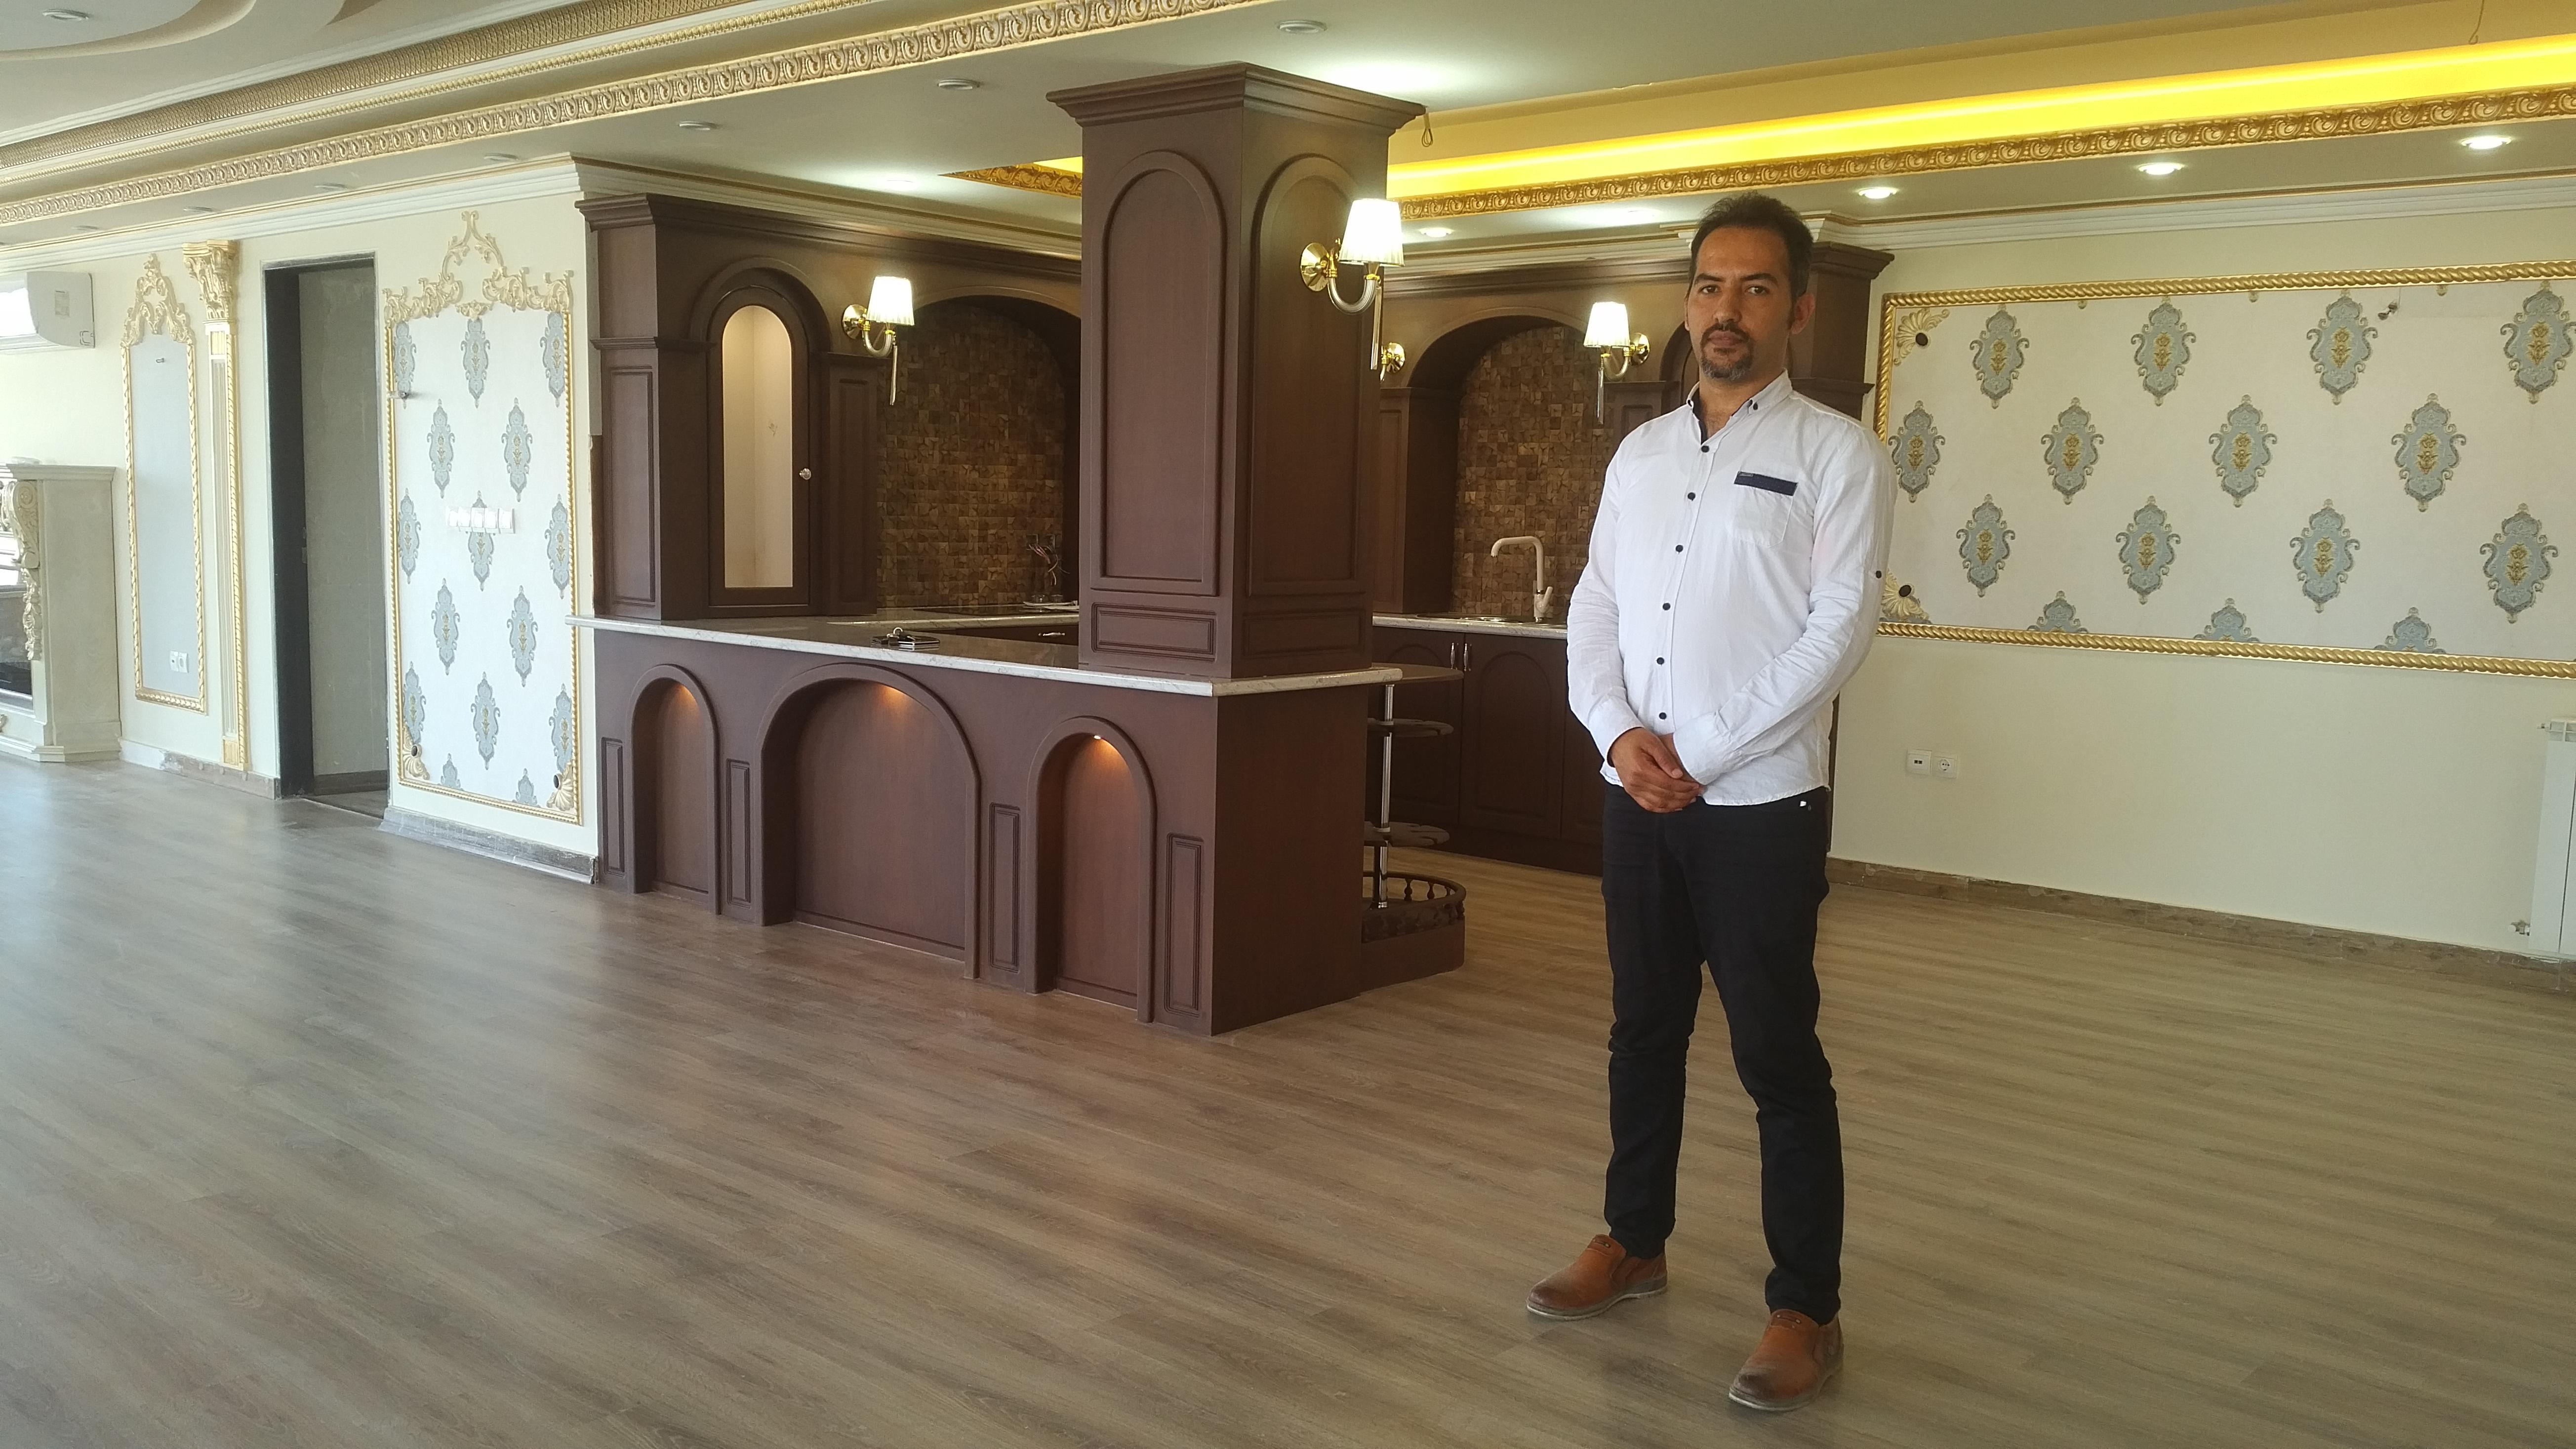 بار کلاسیک